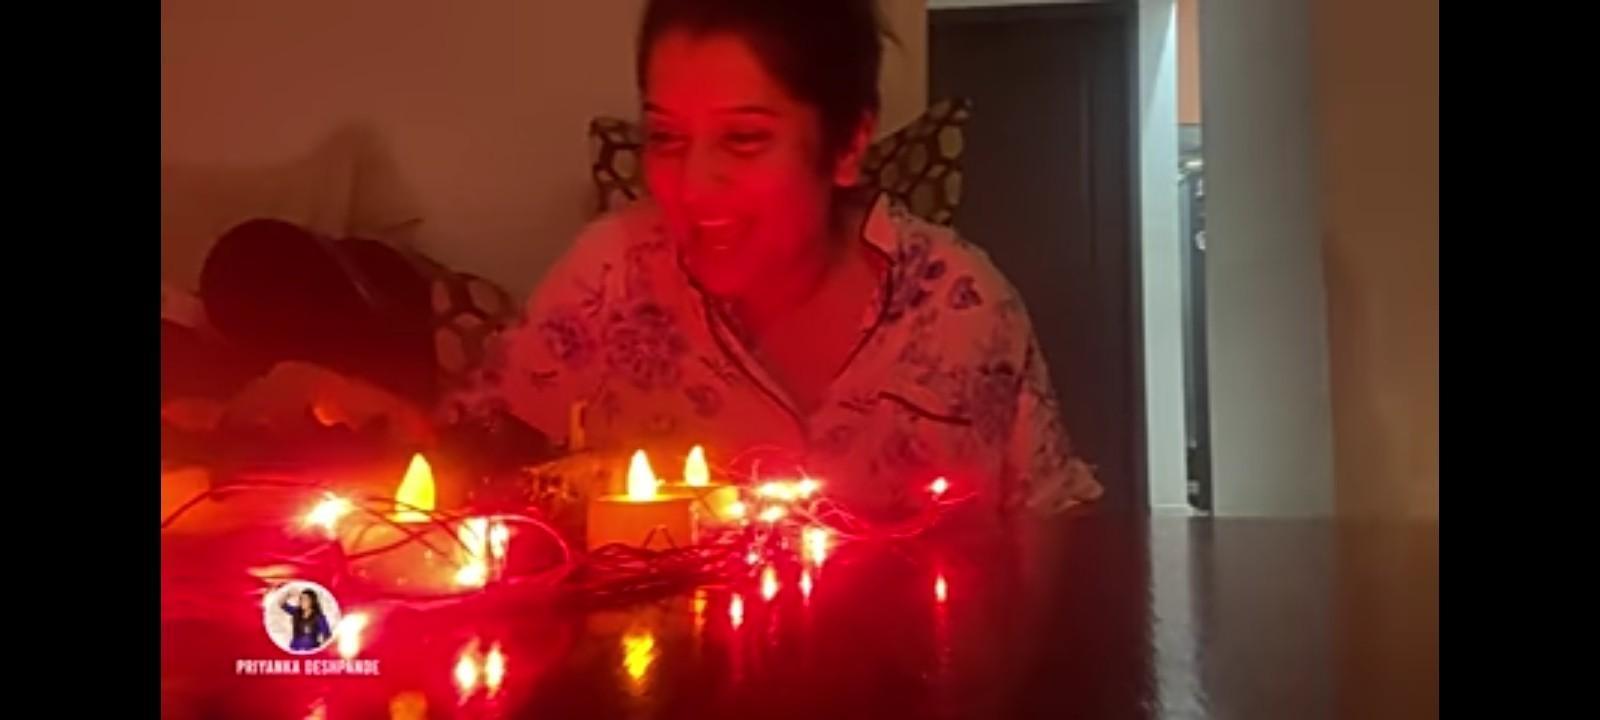 இரவு 12 மணிக்கு பிறந்தநாள் கொண்டாடிய விஜே பிரியங்கா. டிரெண்டாகும் வீடியோ